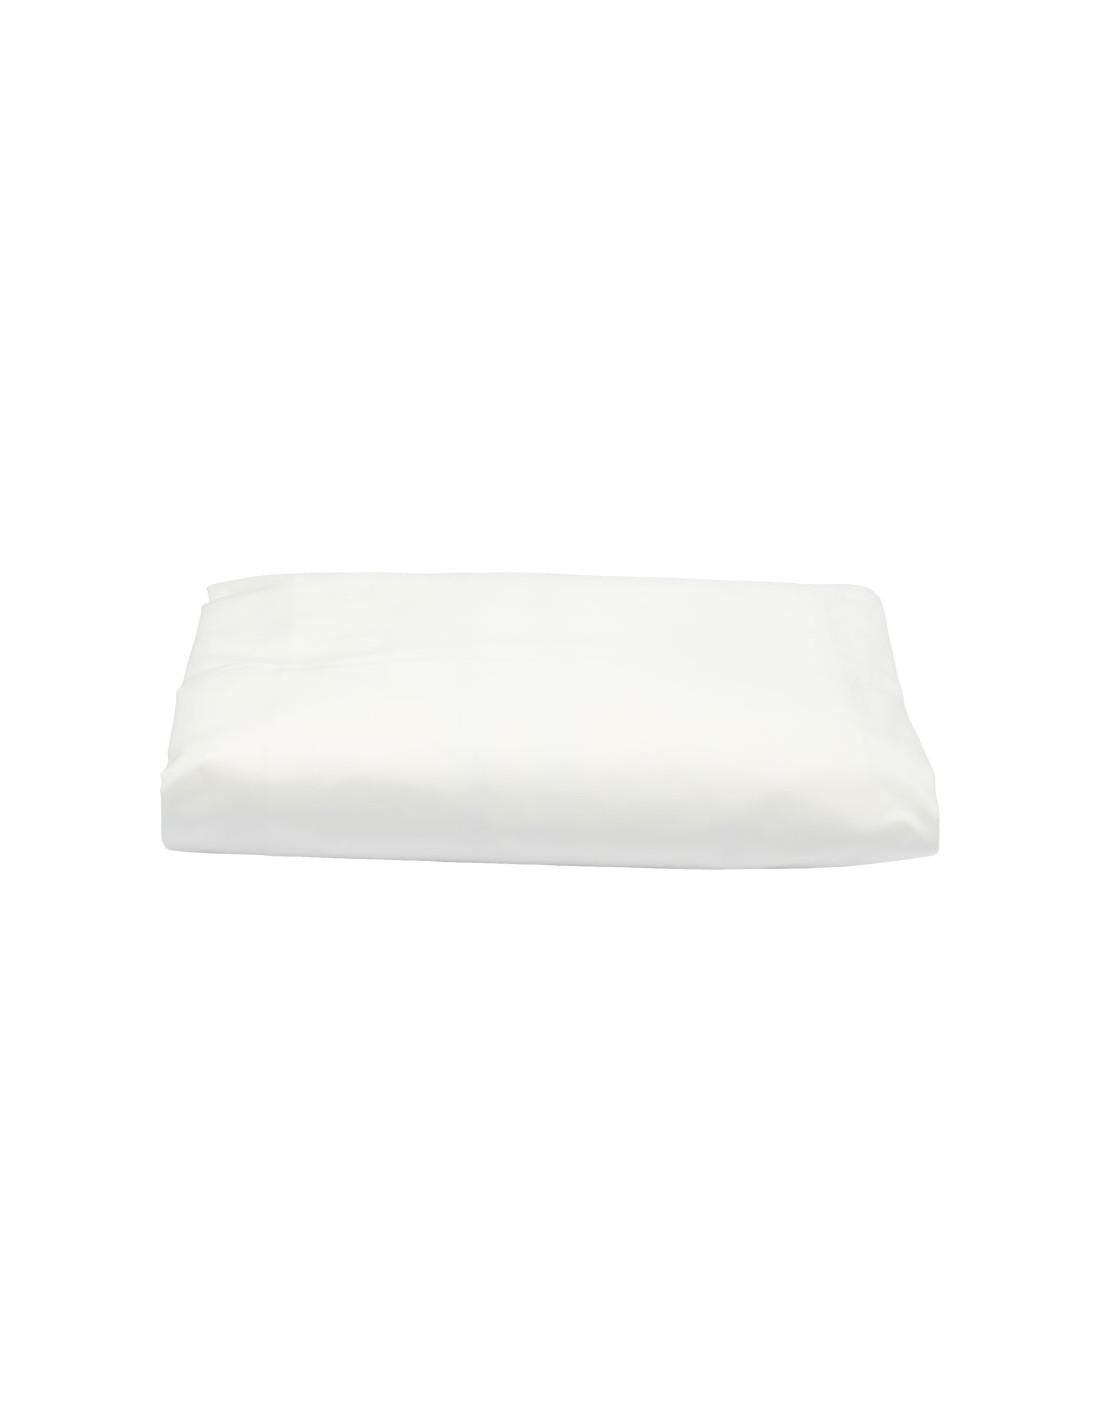 Housse de couette percale coton bio nicole germain noctea for Drap housse coton bio 90x200